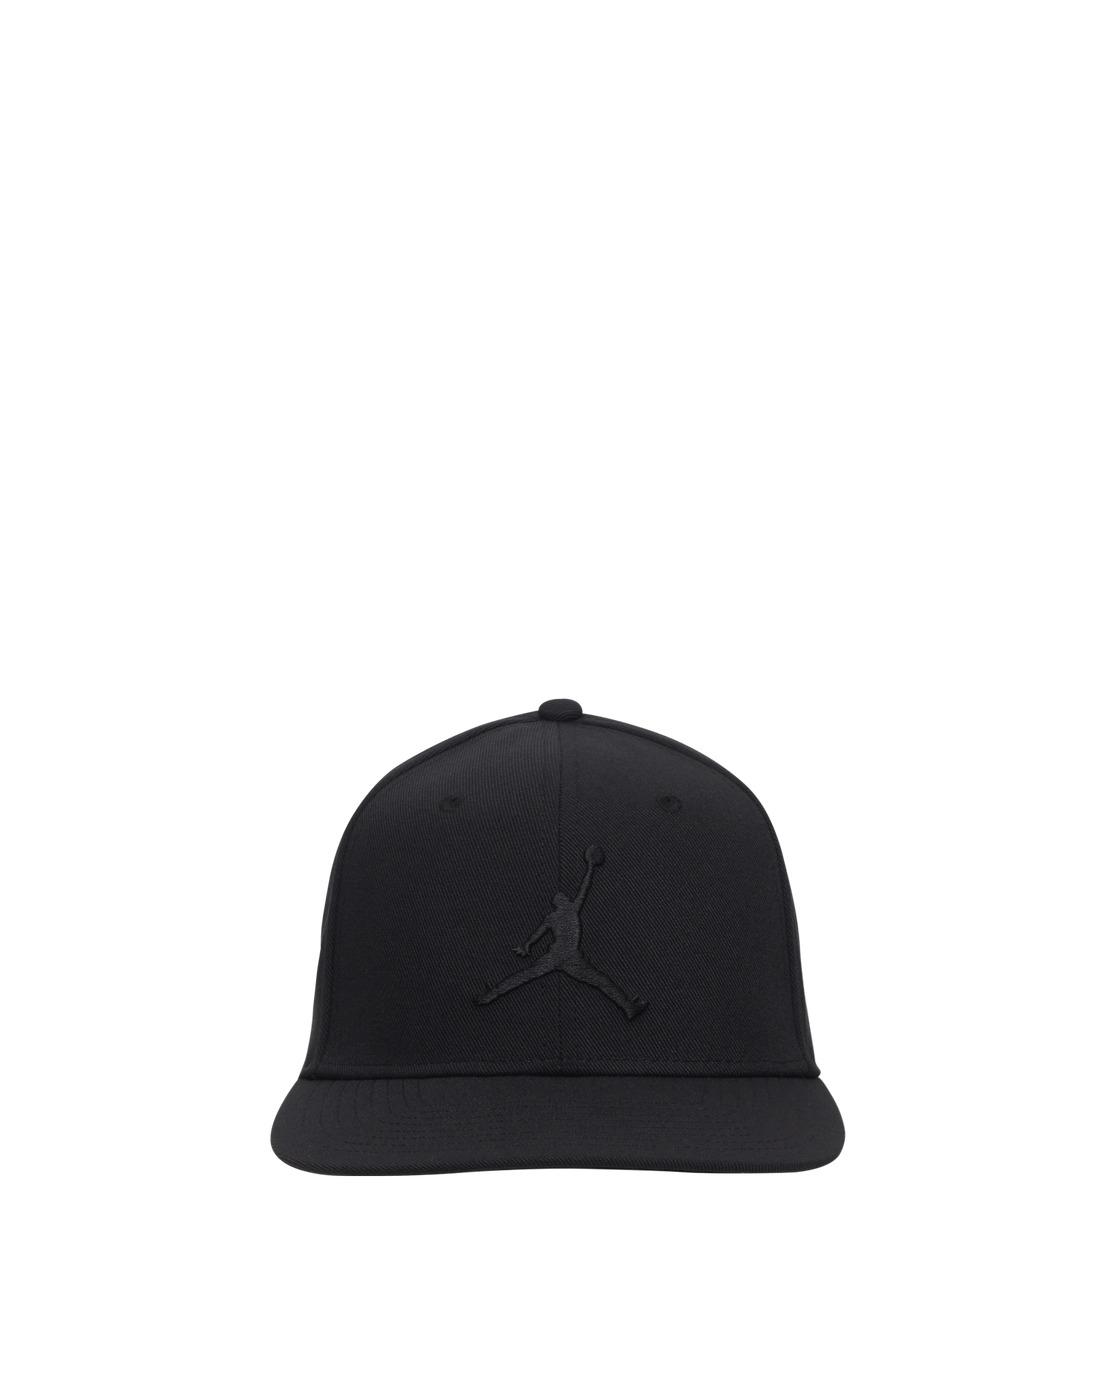 Photo: Nike Jordan Pro Jumpman Snapback Hat Black/Black